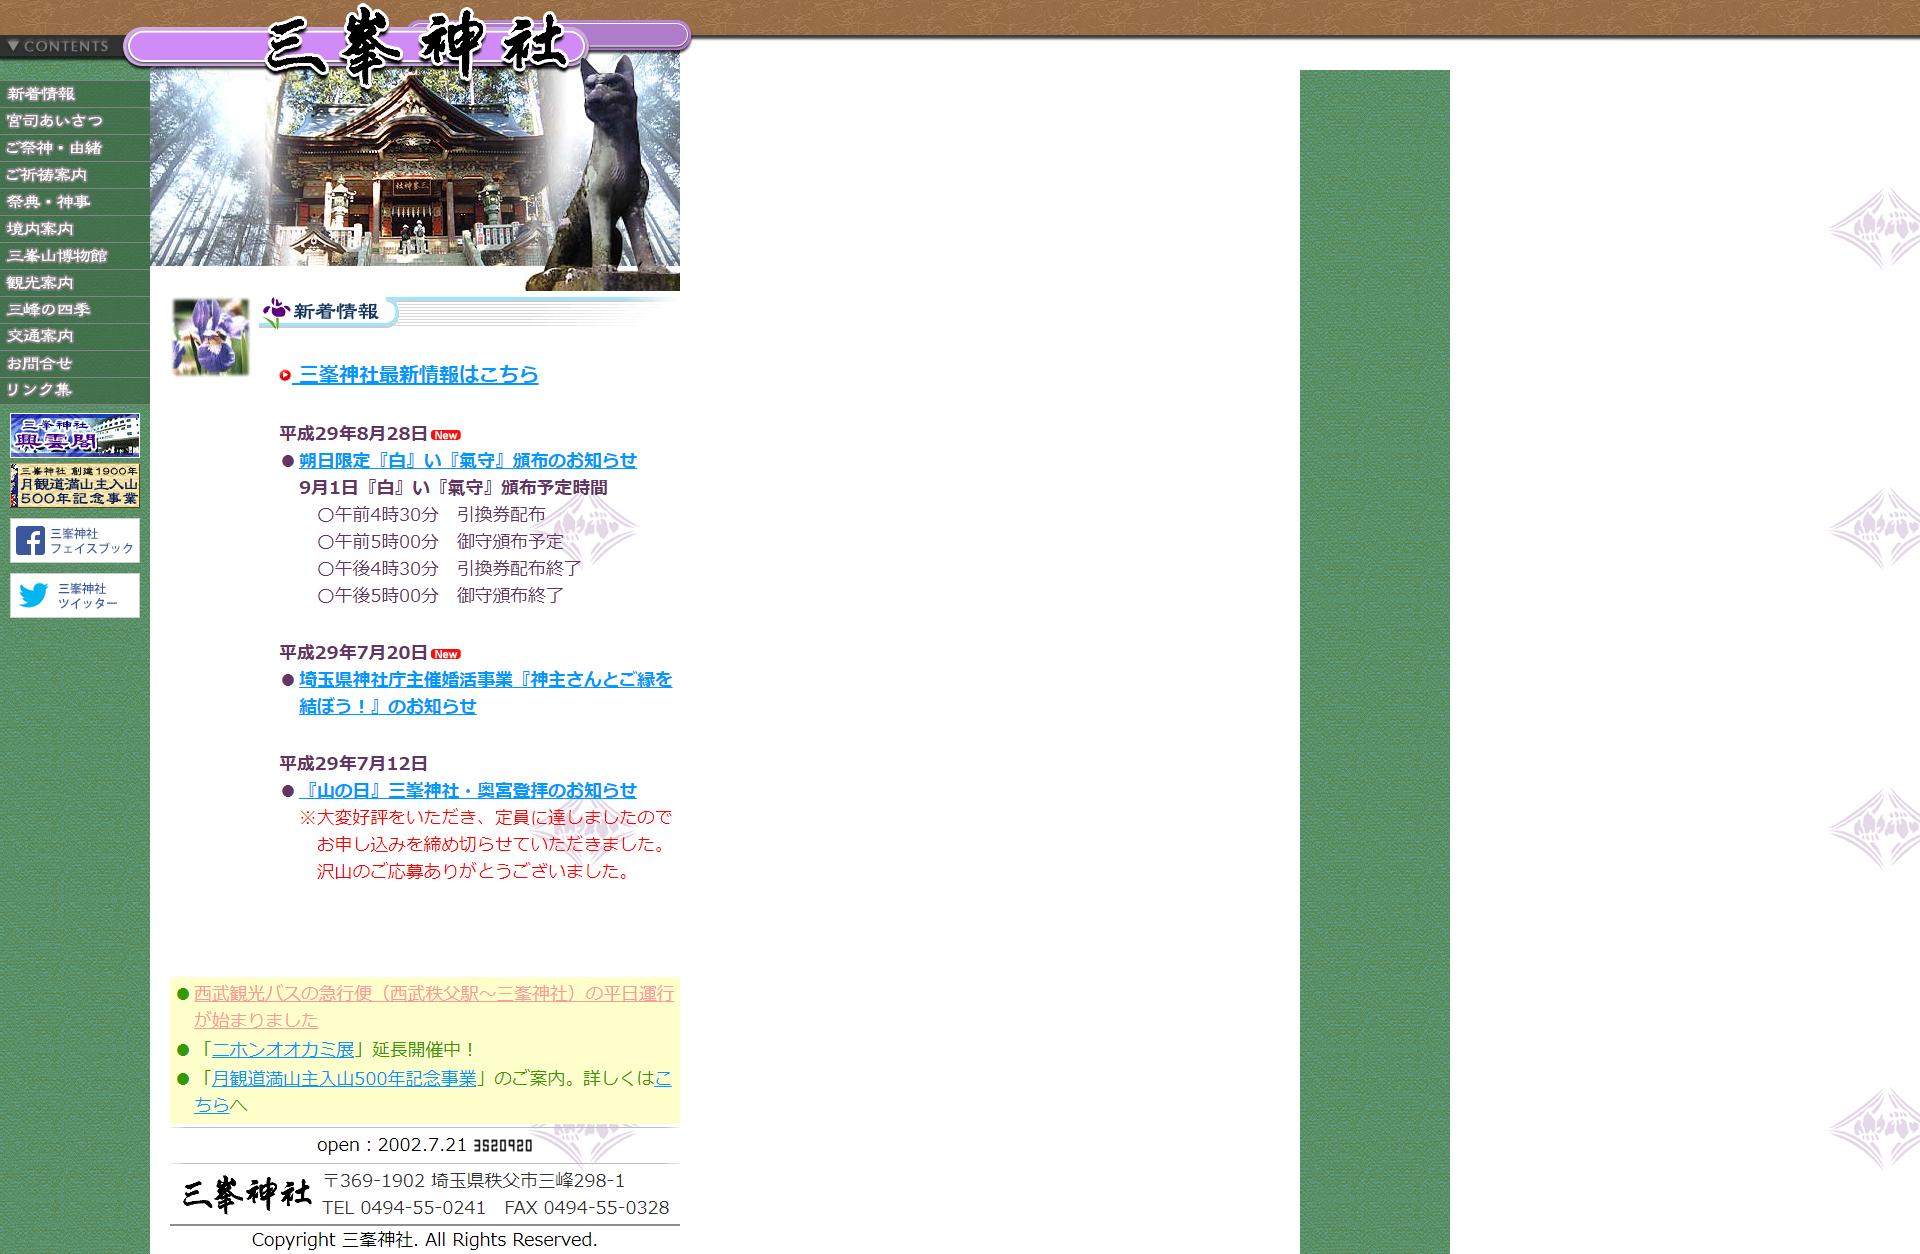 三峯神社HP